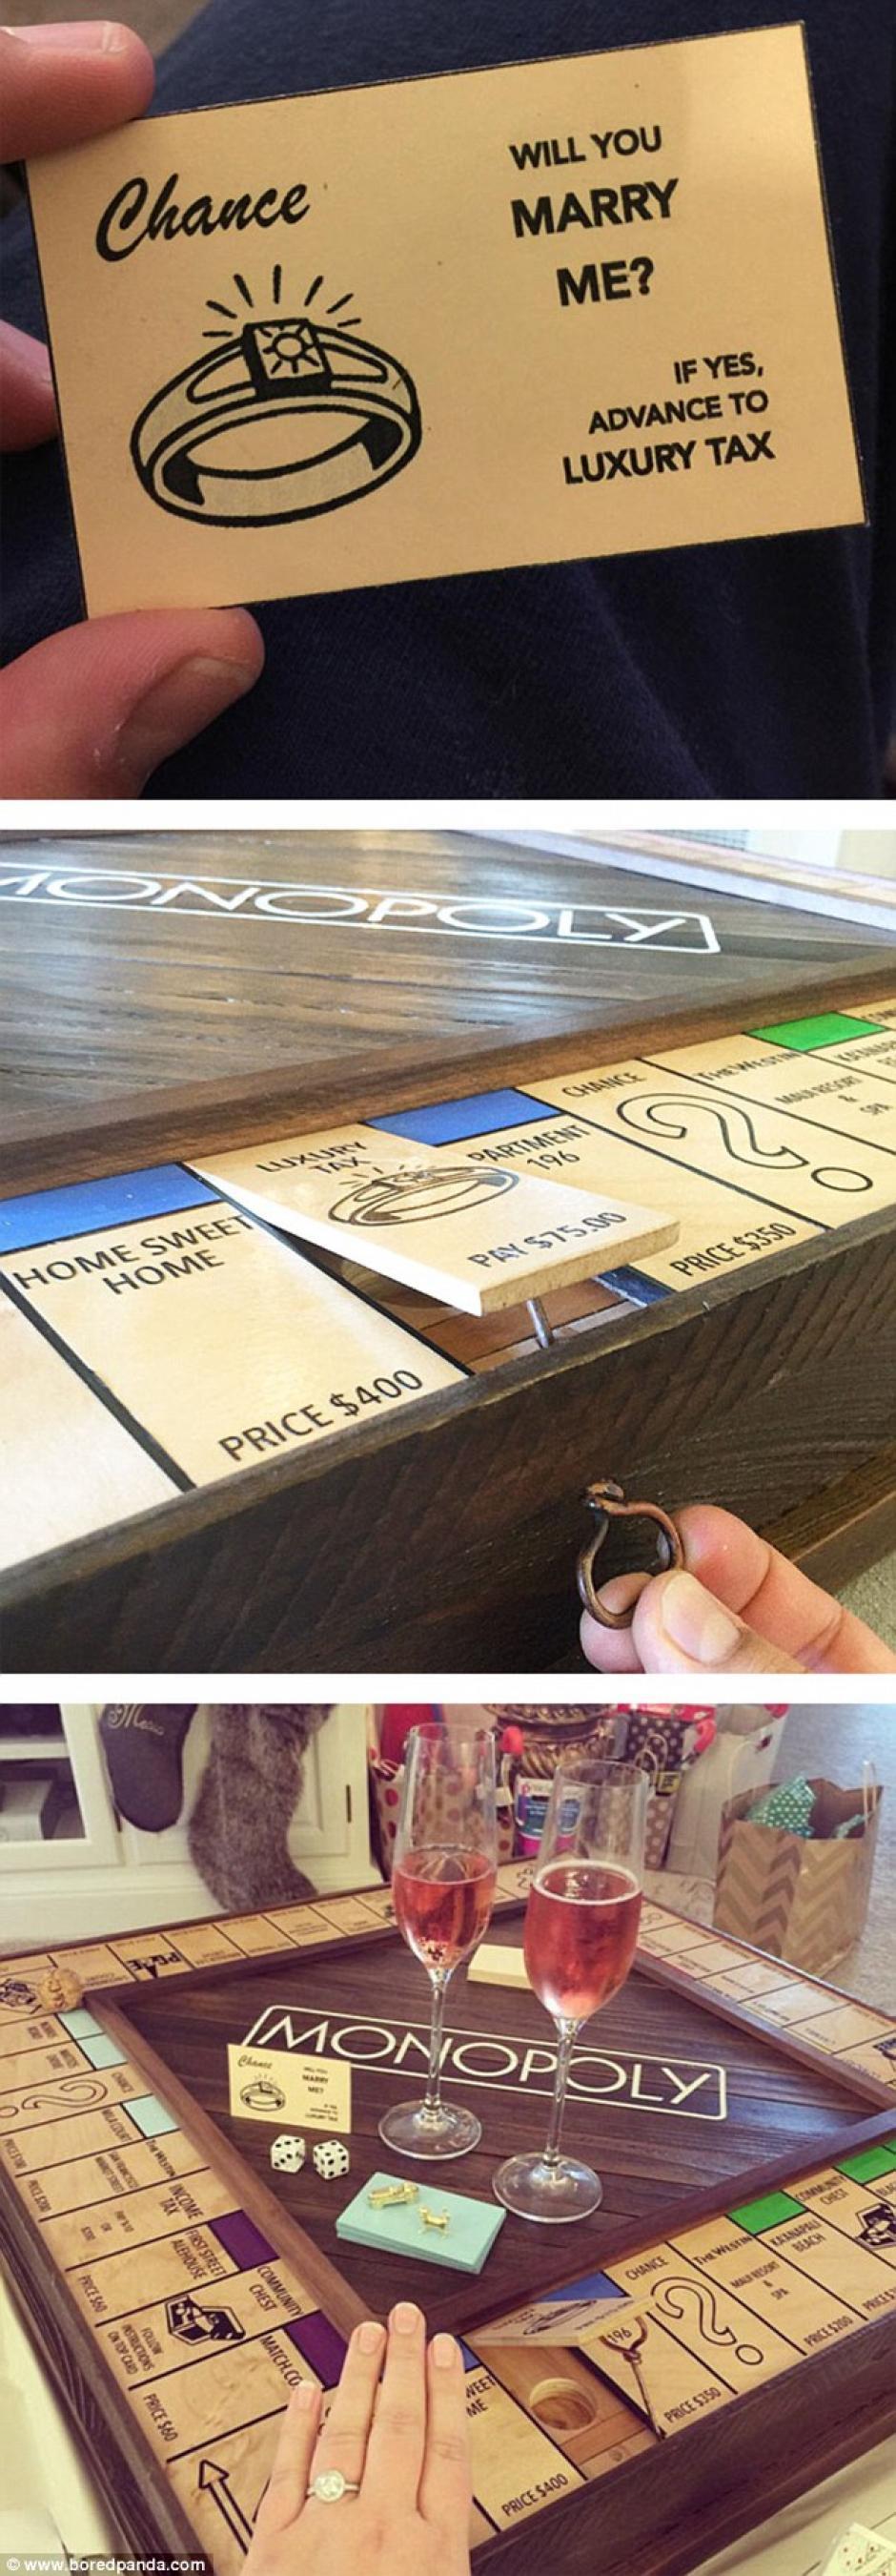 Un juego de Monopoly escondía la pregunta que les cambiaría la vida. (Fotos: Bored Panda)